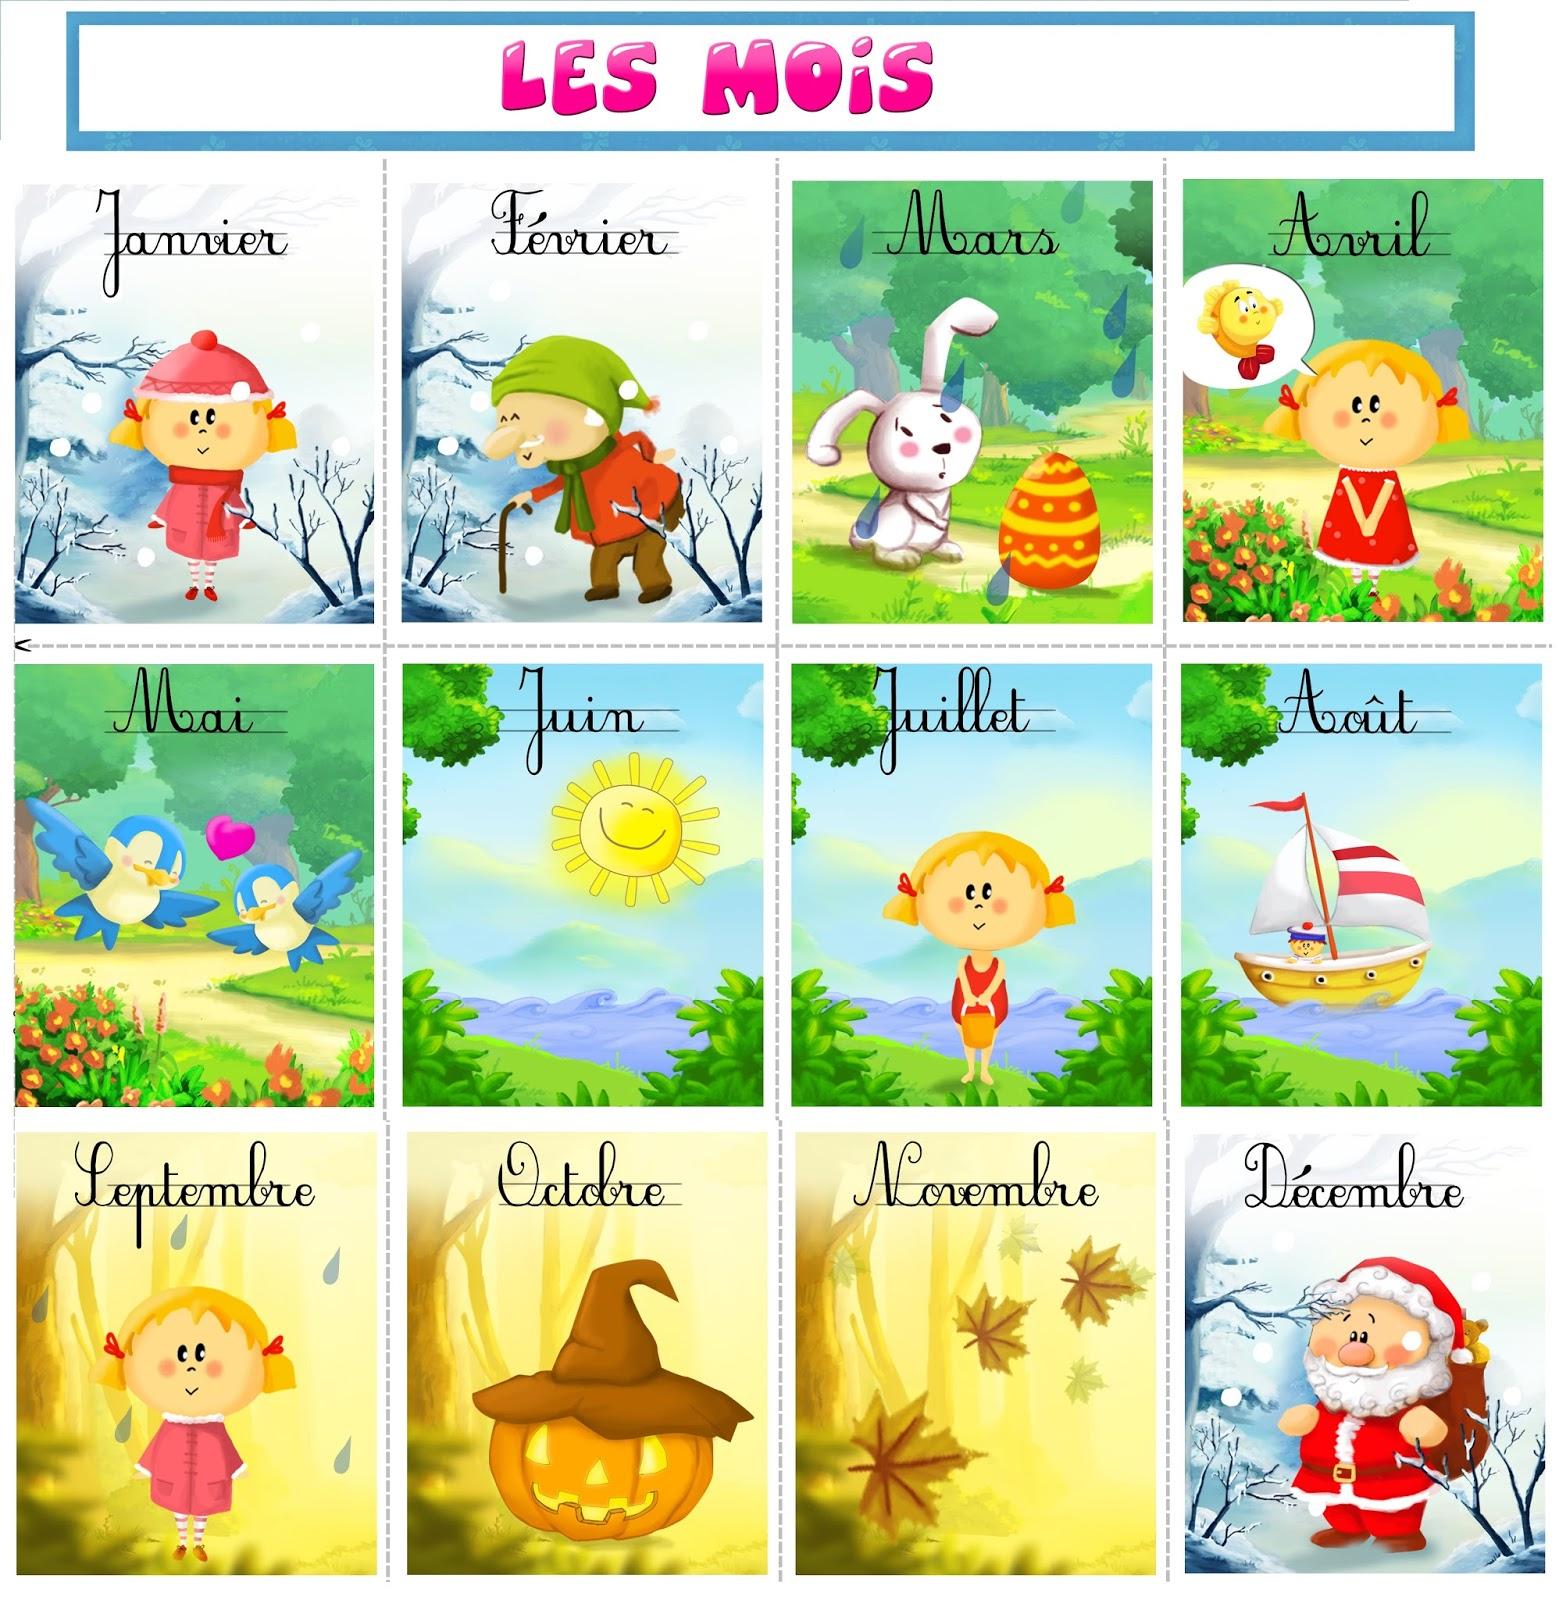 Francés-Eando: Les Saisons Et Les Mois De L'année pour Jeux Pour Apprendre Les Mois De L Année